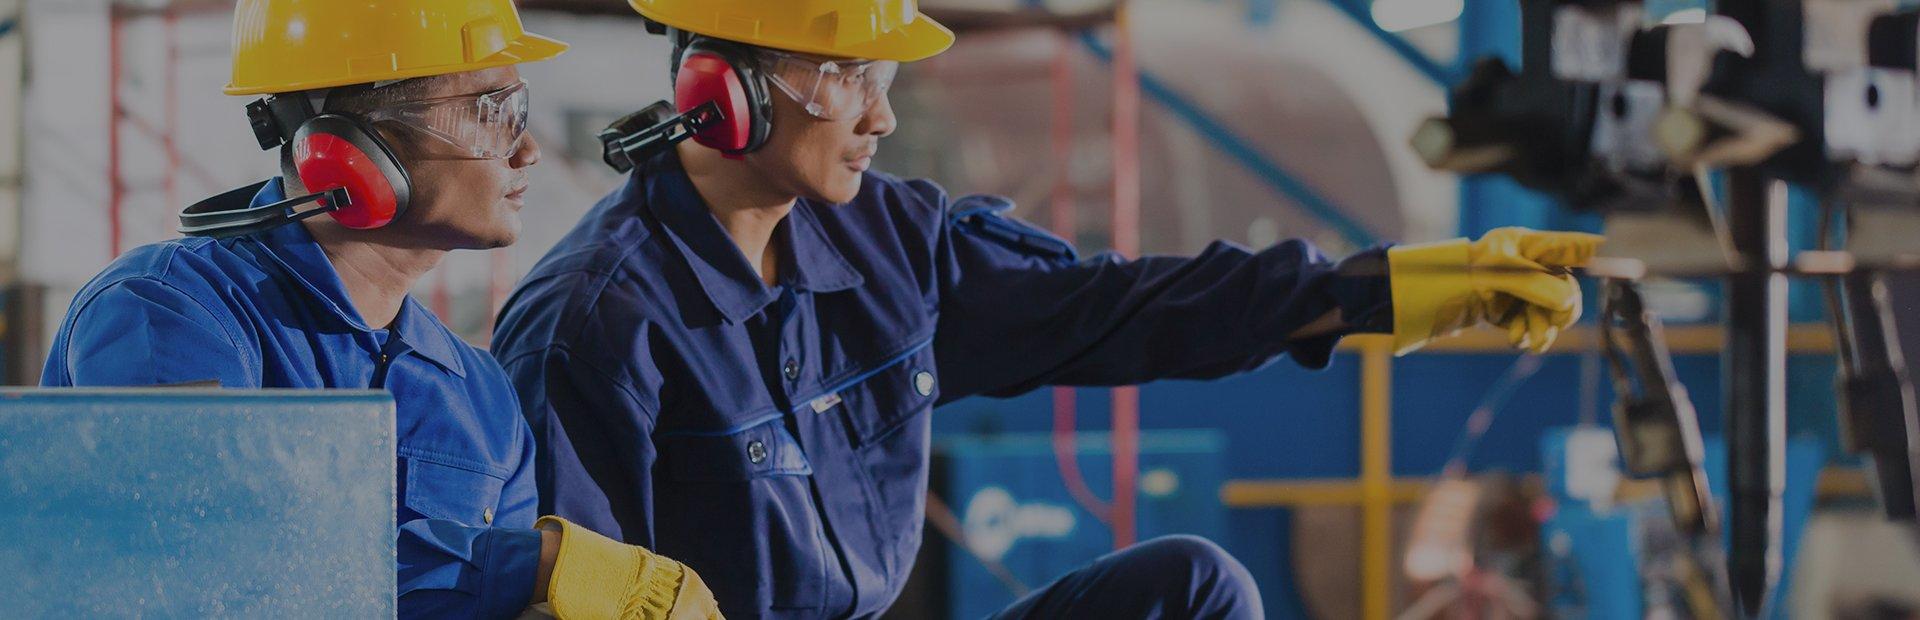 Personal de Automatización y Control Scale trabajando en un sistema de automarización industrial